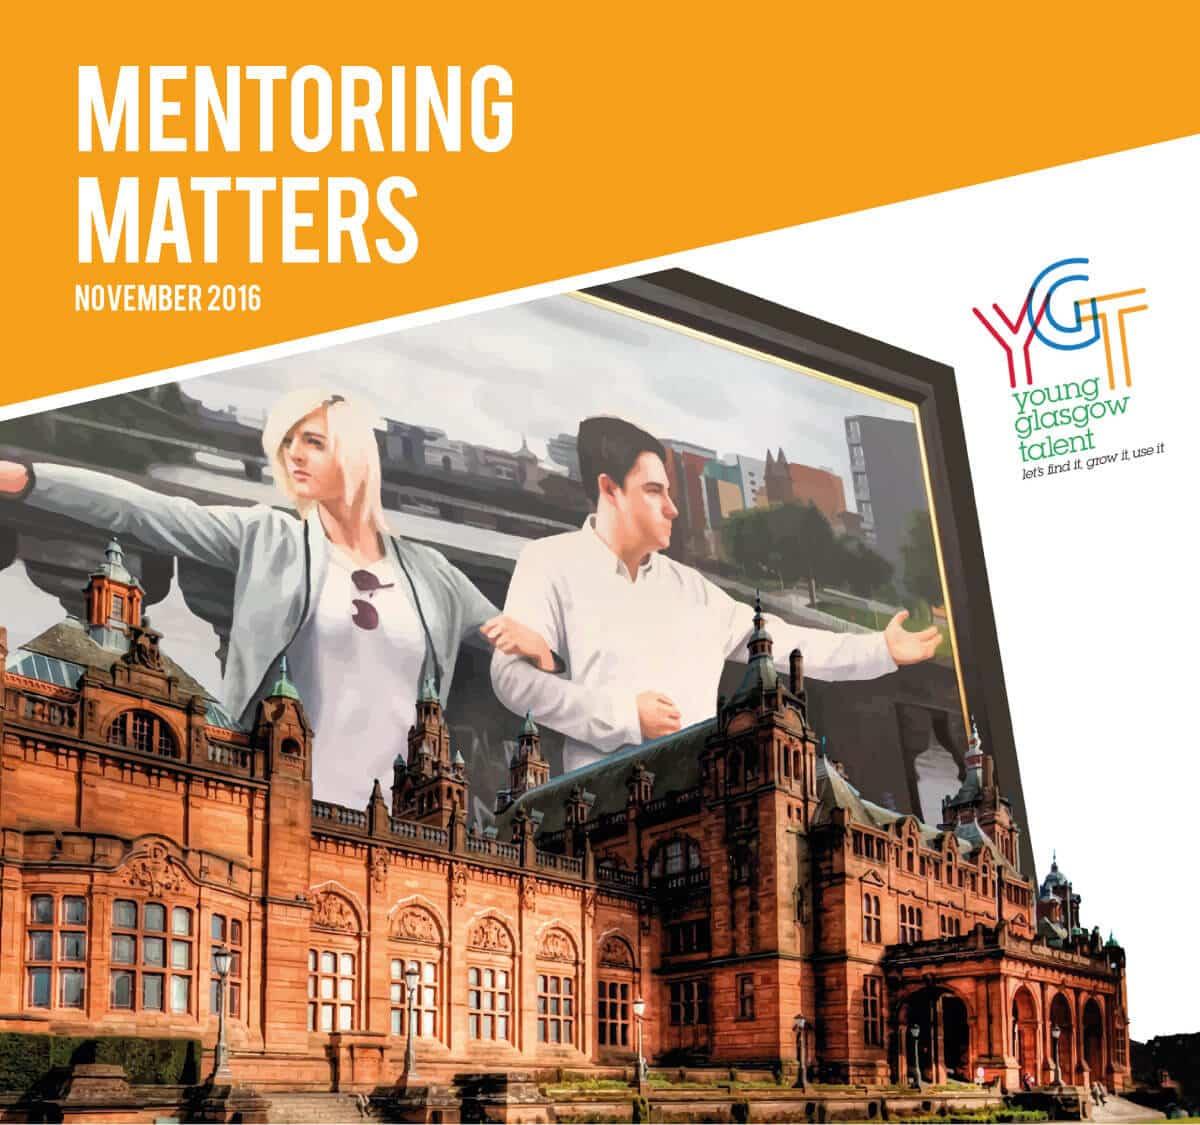 Mentoring-Matters-Newletter-YGT